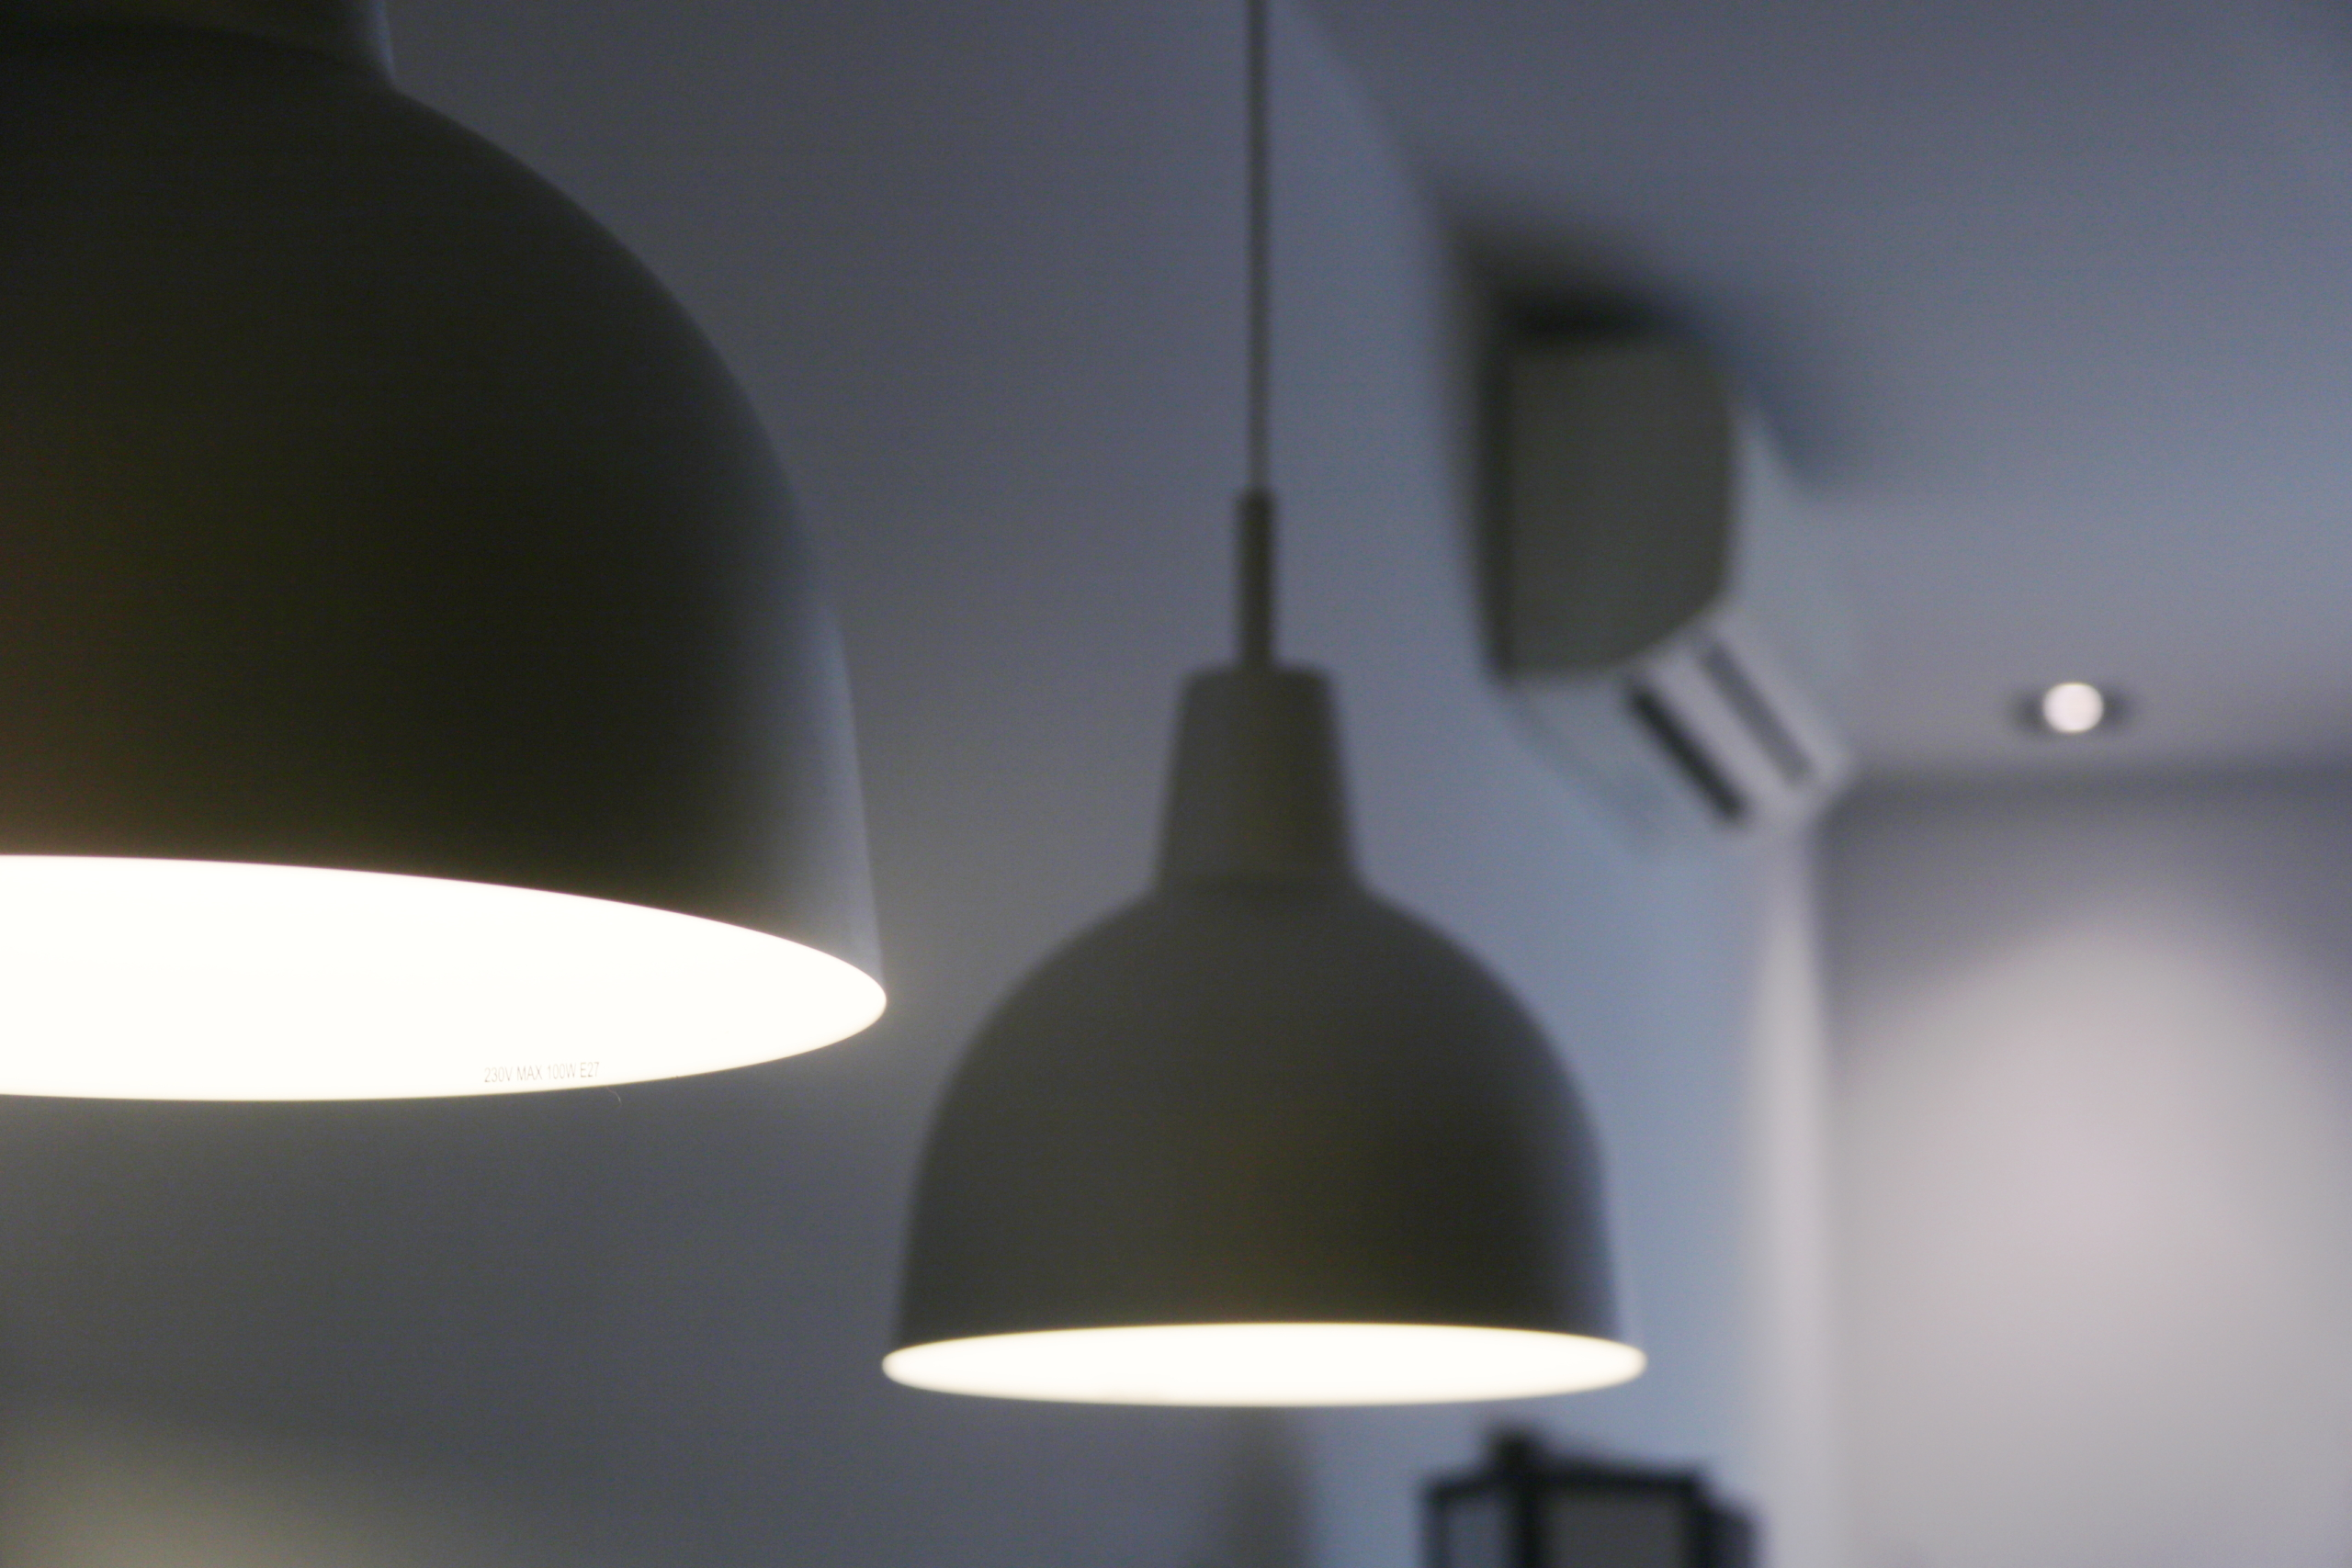 Dos llum encesos, amb altres electrodomèstics de fons | ACN